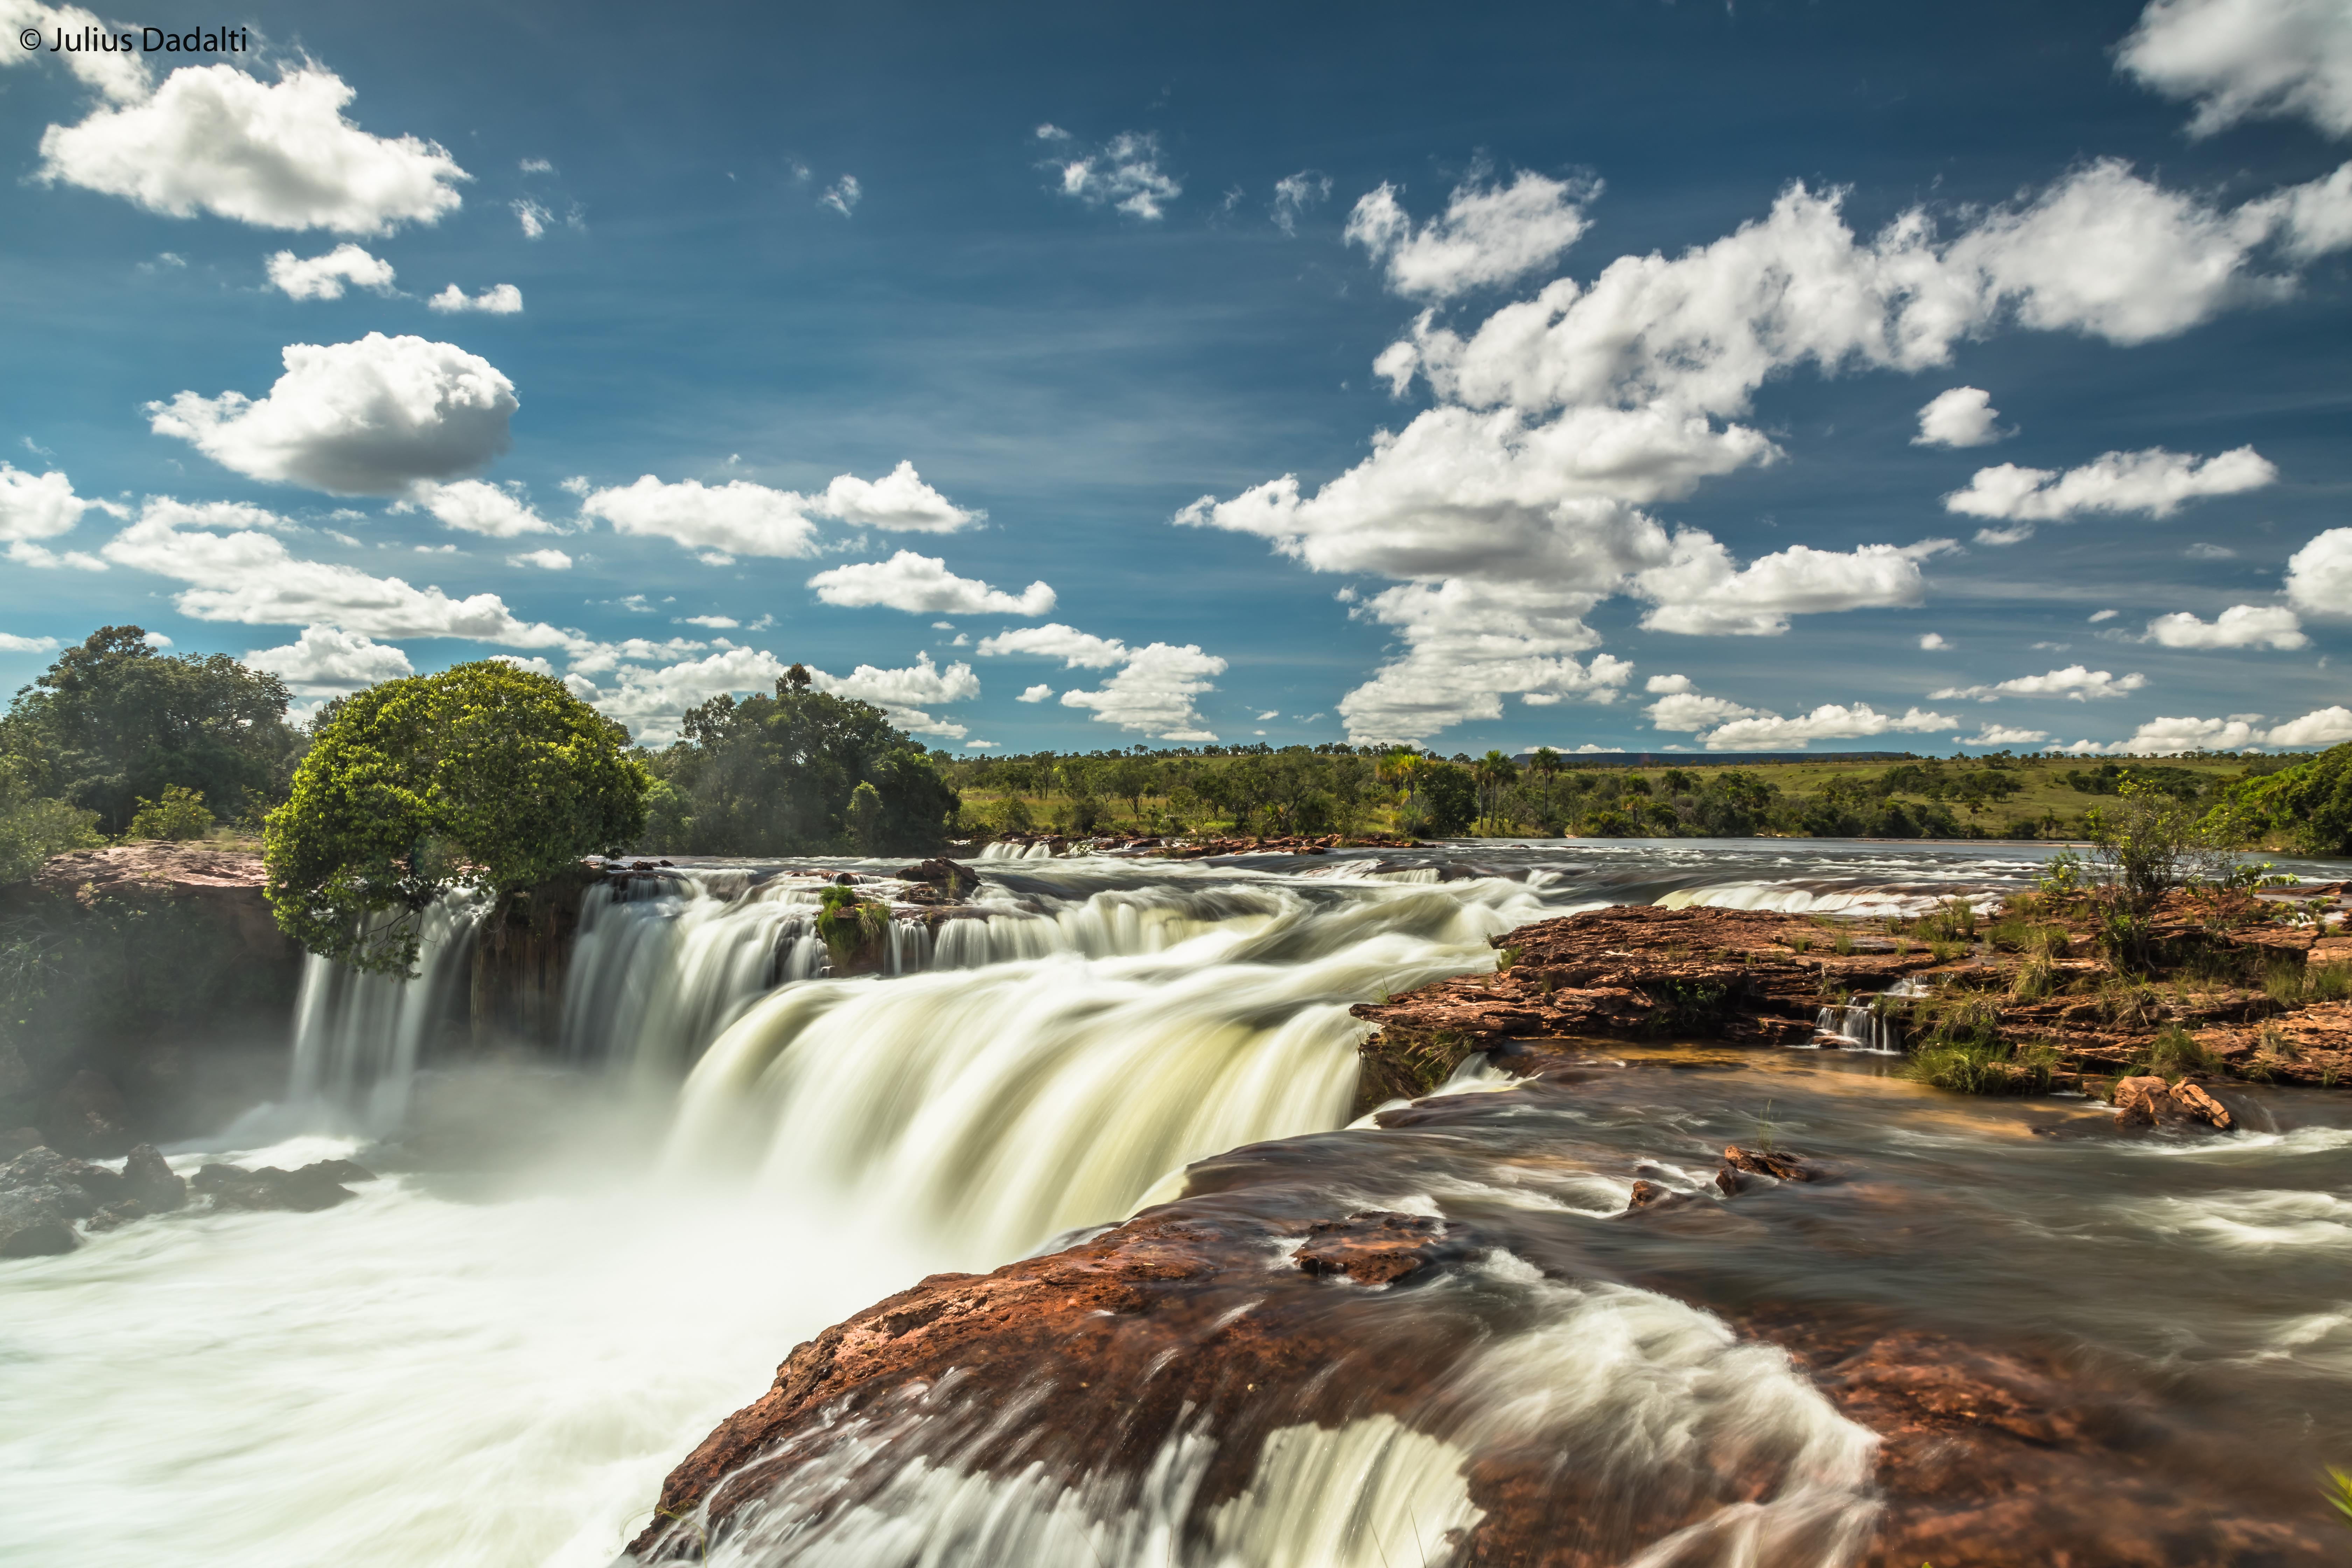 Jalapão por conta prória - Off-road pelo Brasil - Cachoeira da Velha